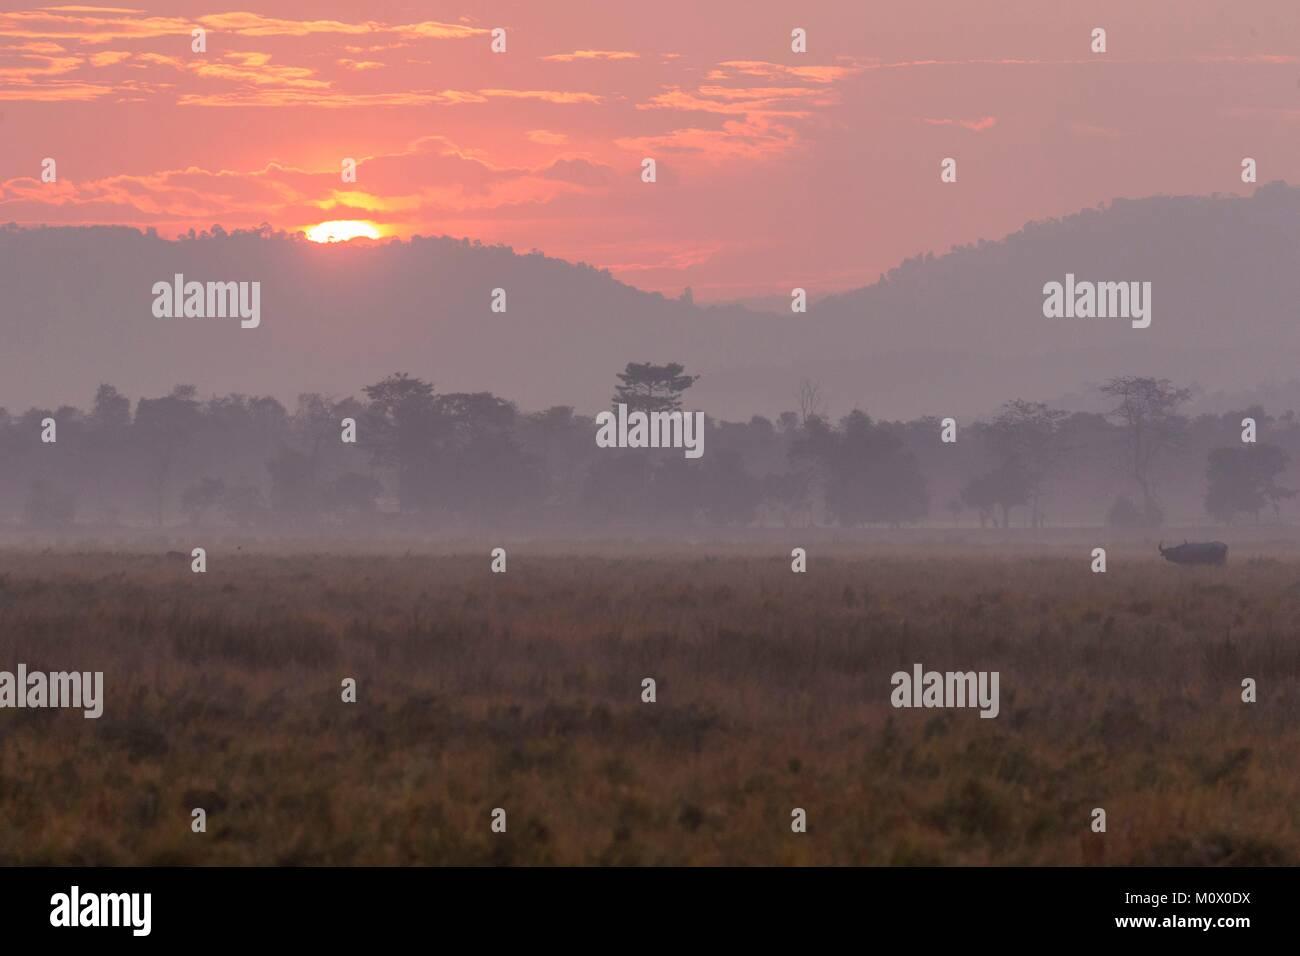 India,State of Assam,Kaziranga National Park,marshes - Stock Image